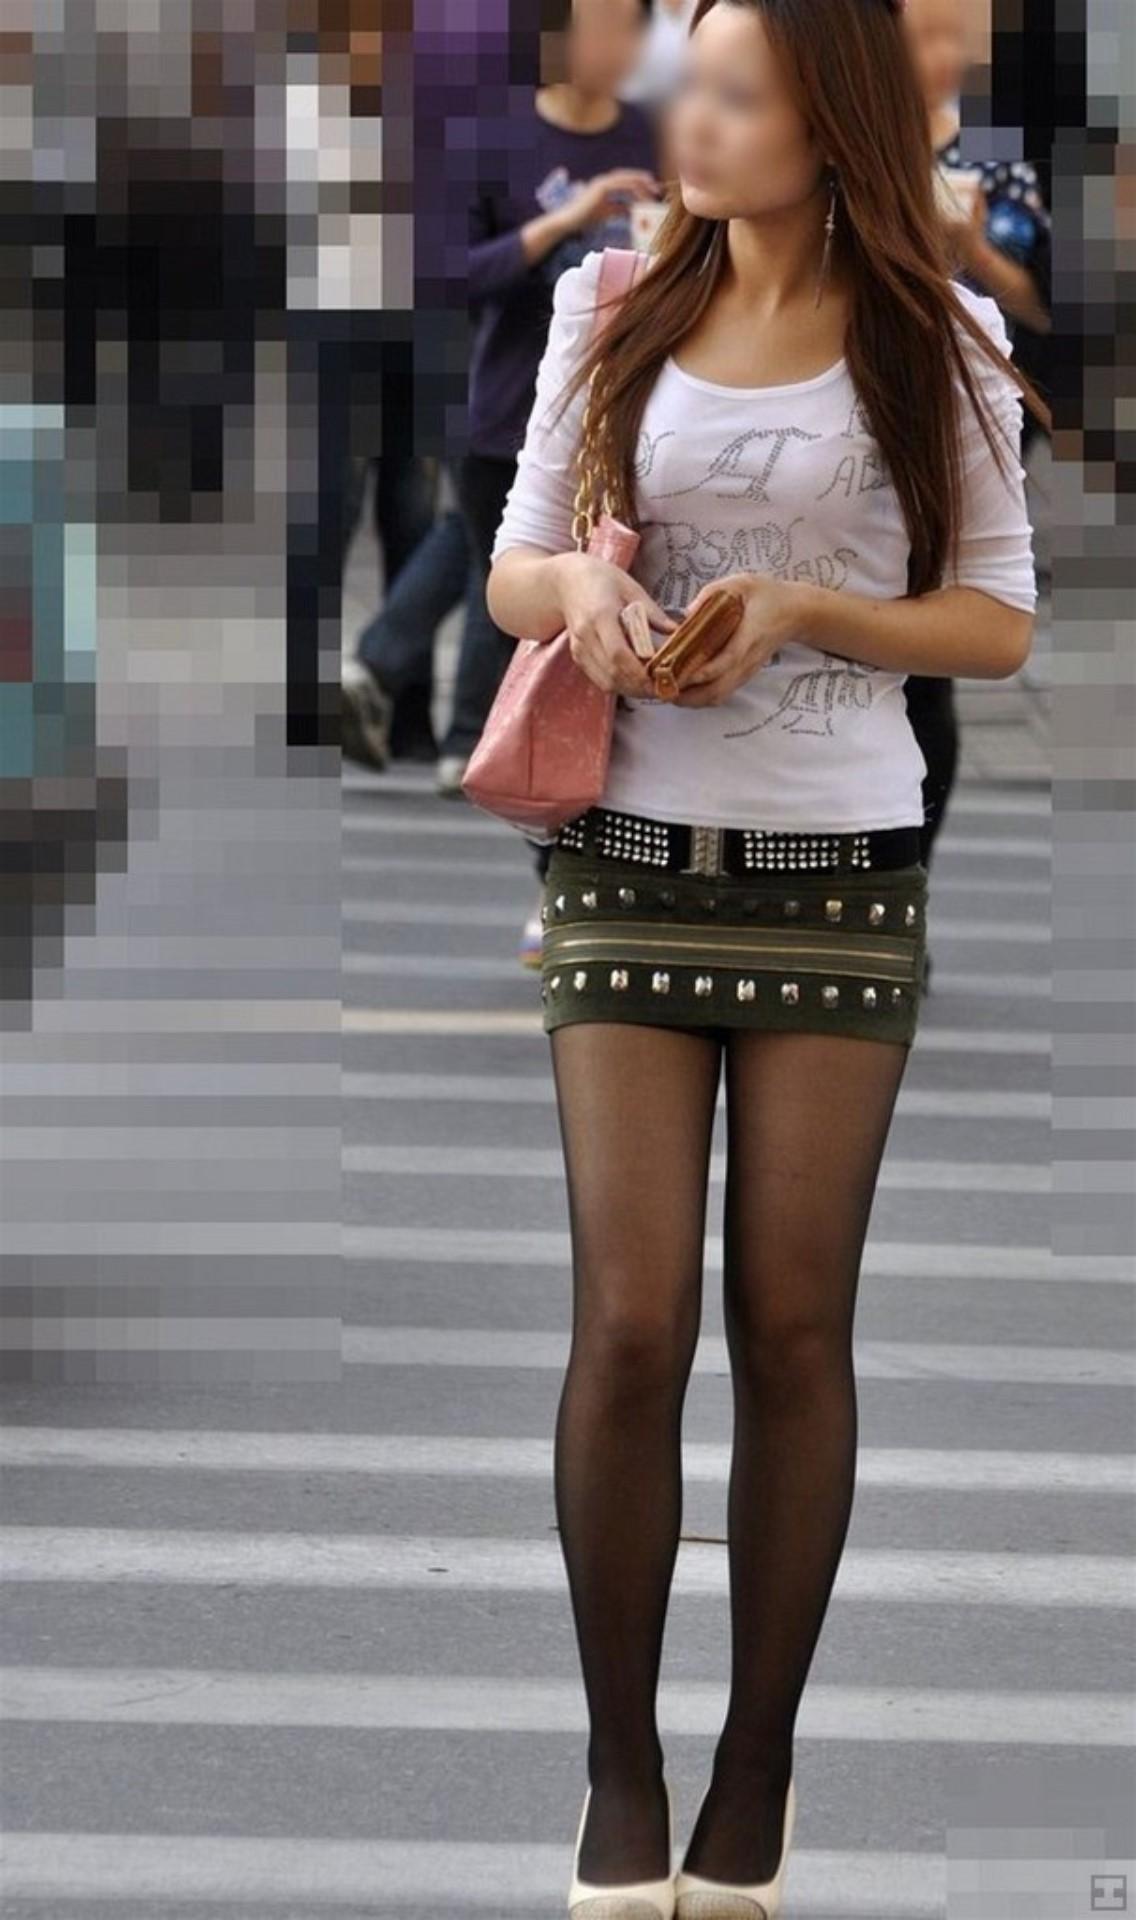 三次元 3次元 エロ画像 黒パンスト 街撮り 素人 美脚  べっぴん娘通信 31